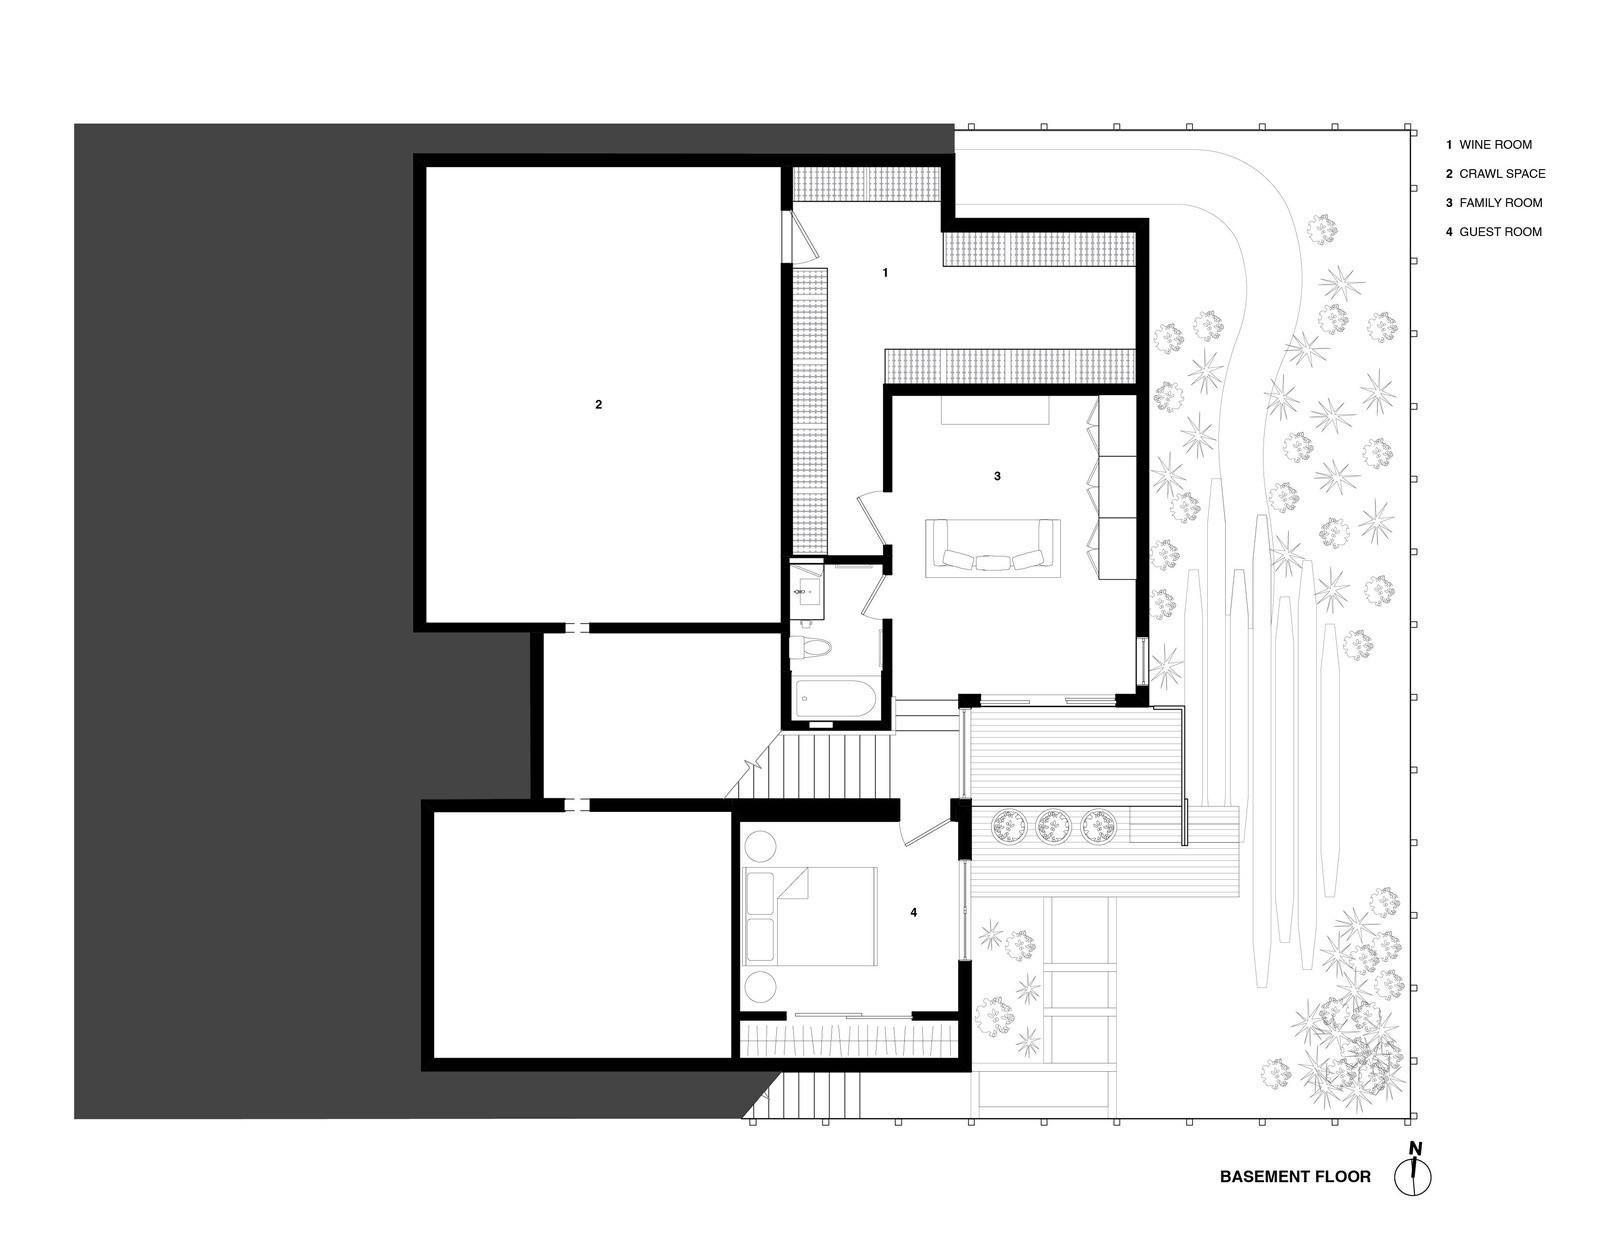 Noe-Residence-just3ds.com-15